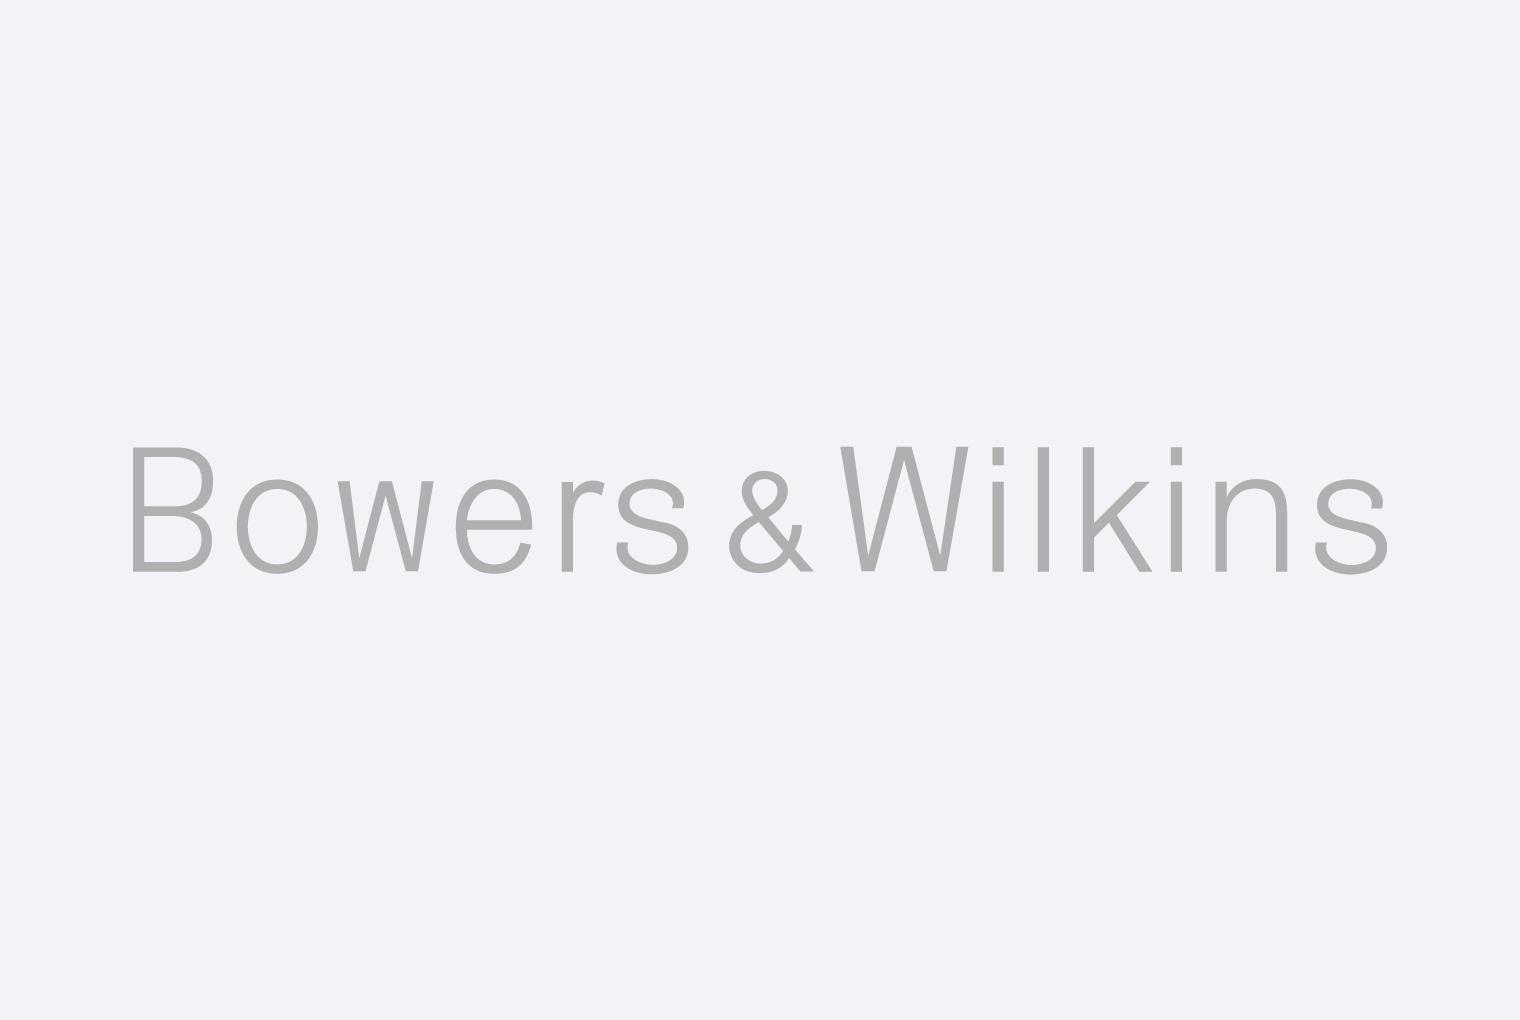 Questo werkt voor Bowers & Wilkins - T-Flex doeken